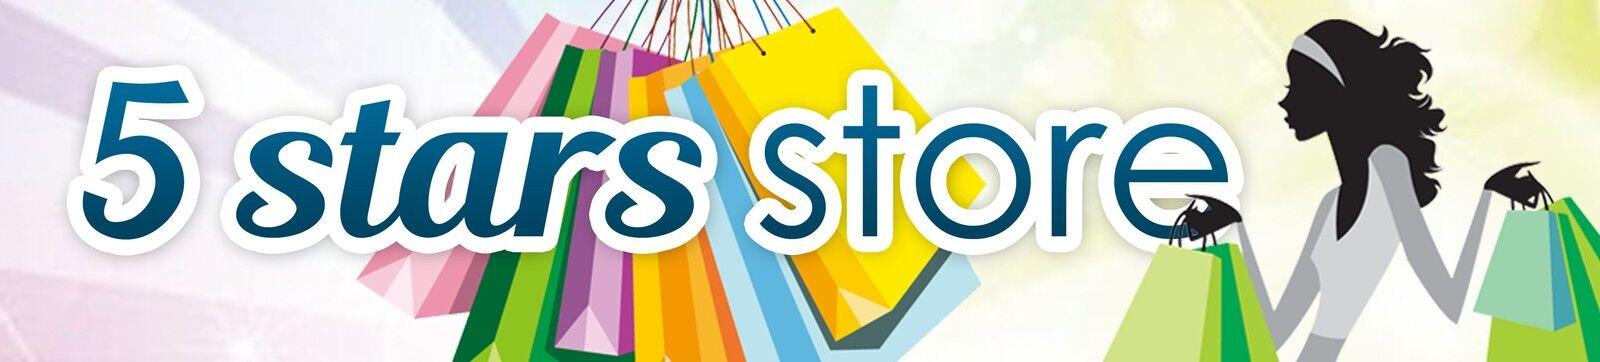 5 Stars Store